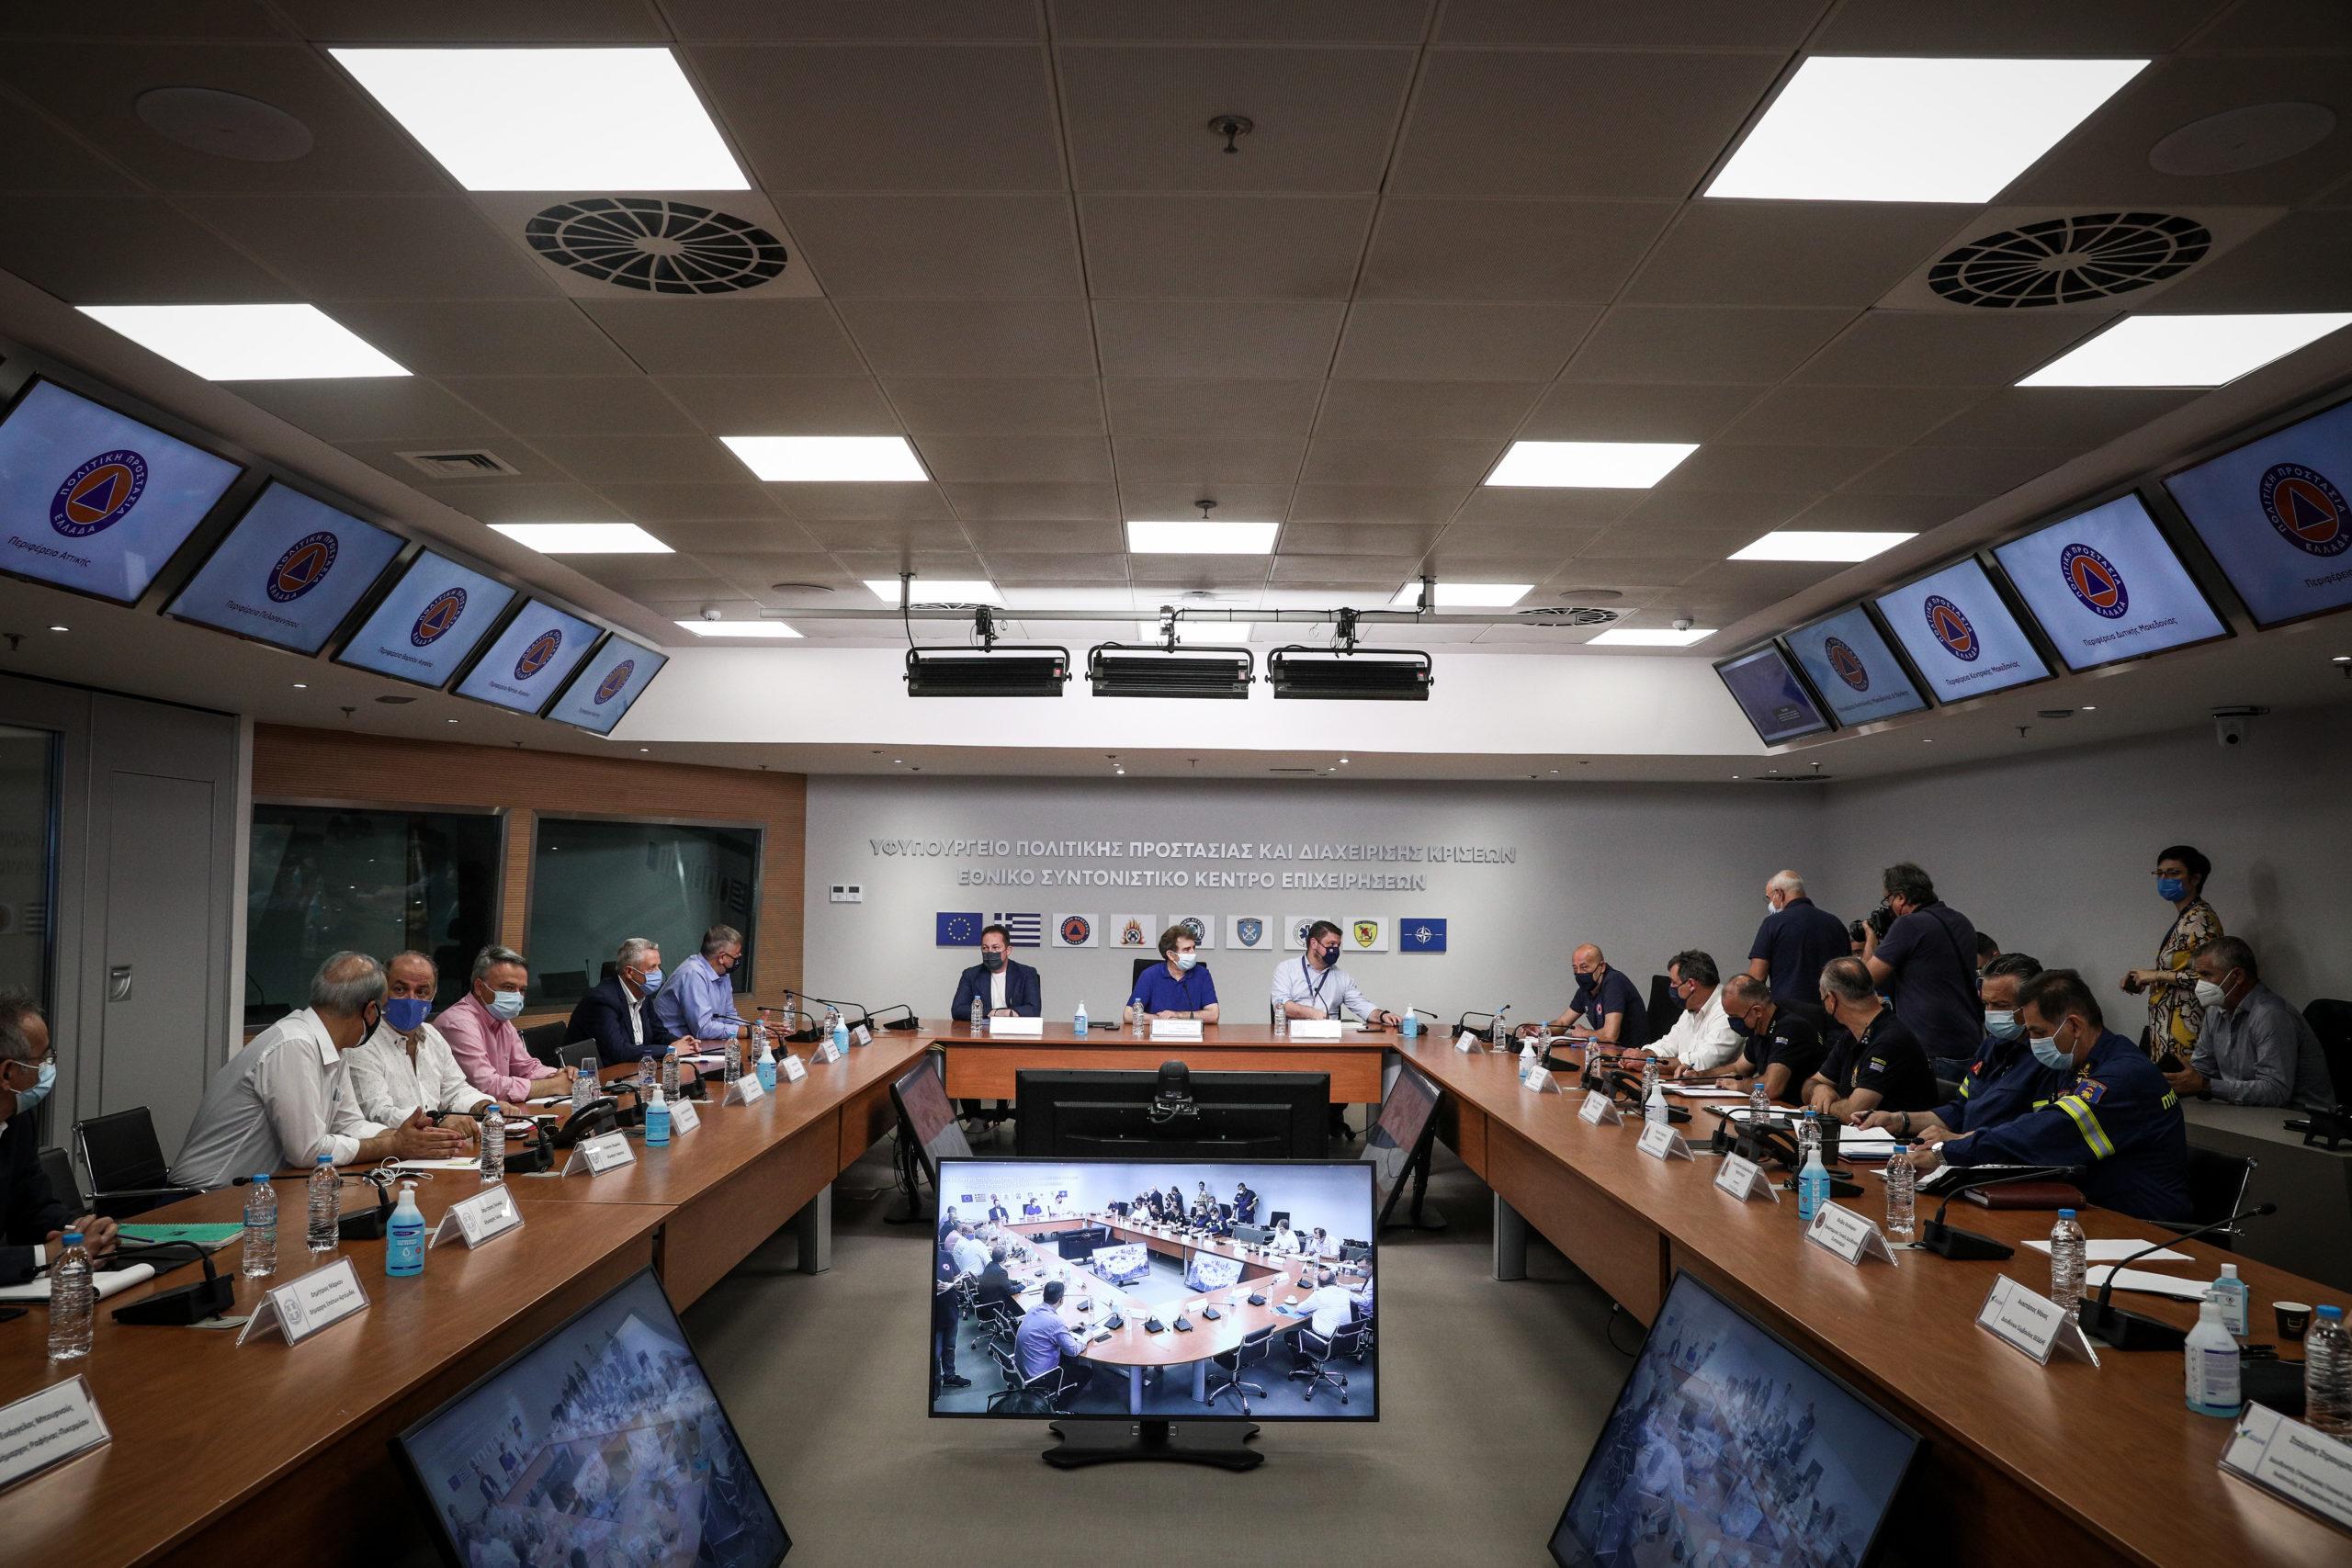 Πυροπροστασία: Πρόγραμμα 300 εκατ. ευρώ για τα επόμενα πέντε χρόνια – Τι αποφασίστηκε στην έκτακτη σύσκεψη (video)